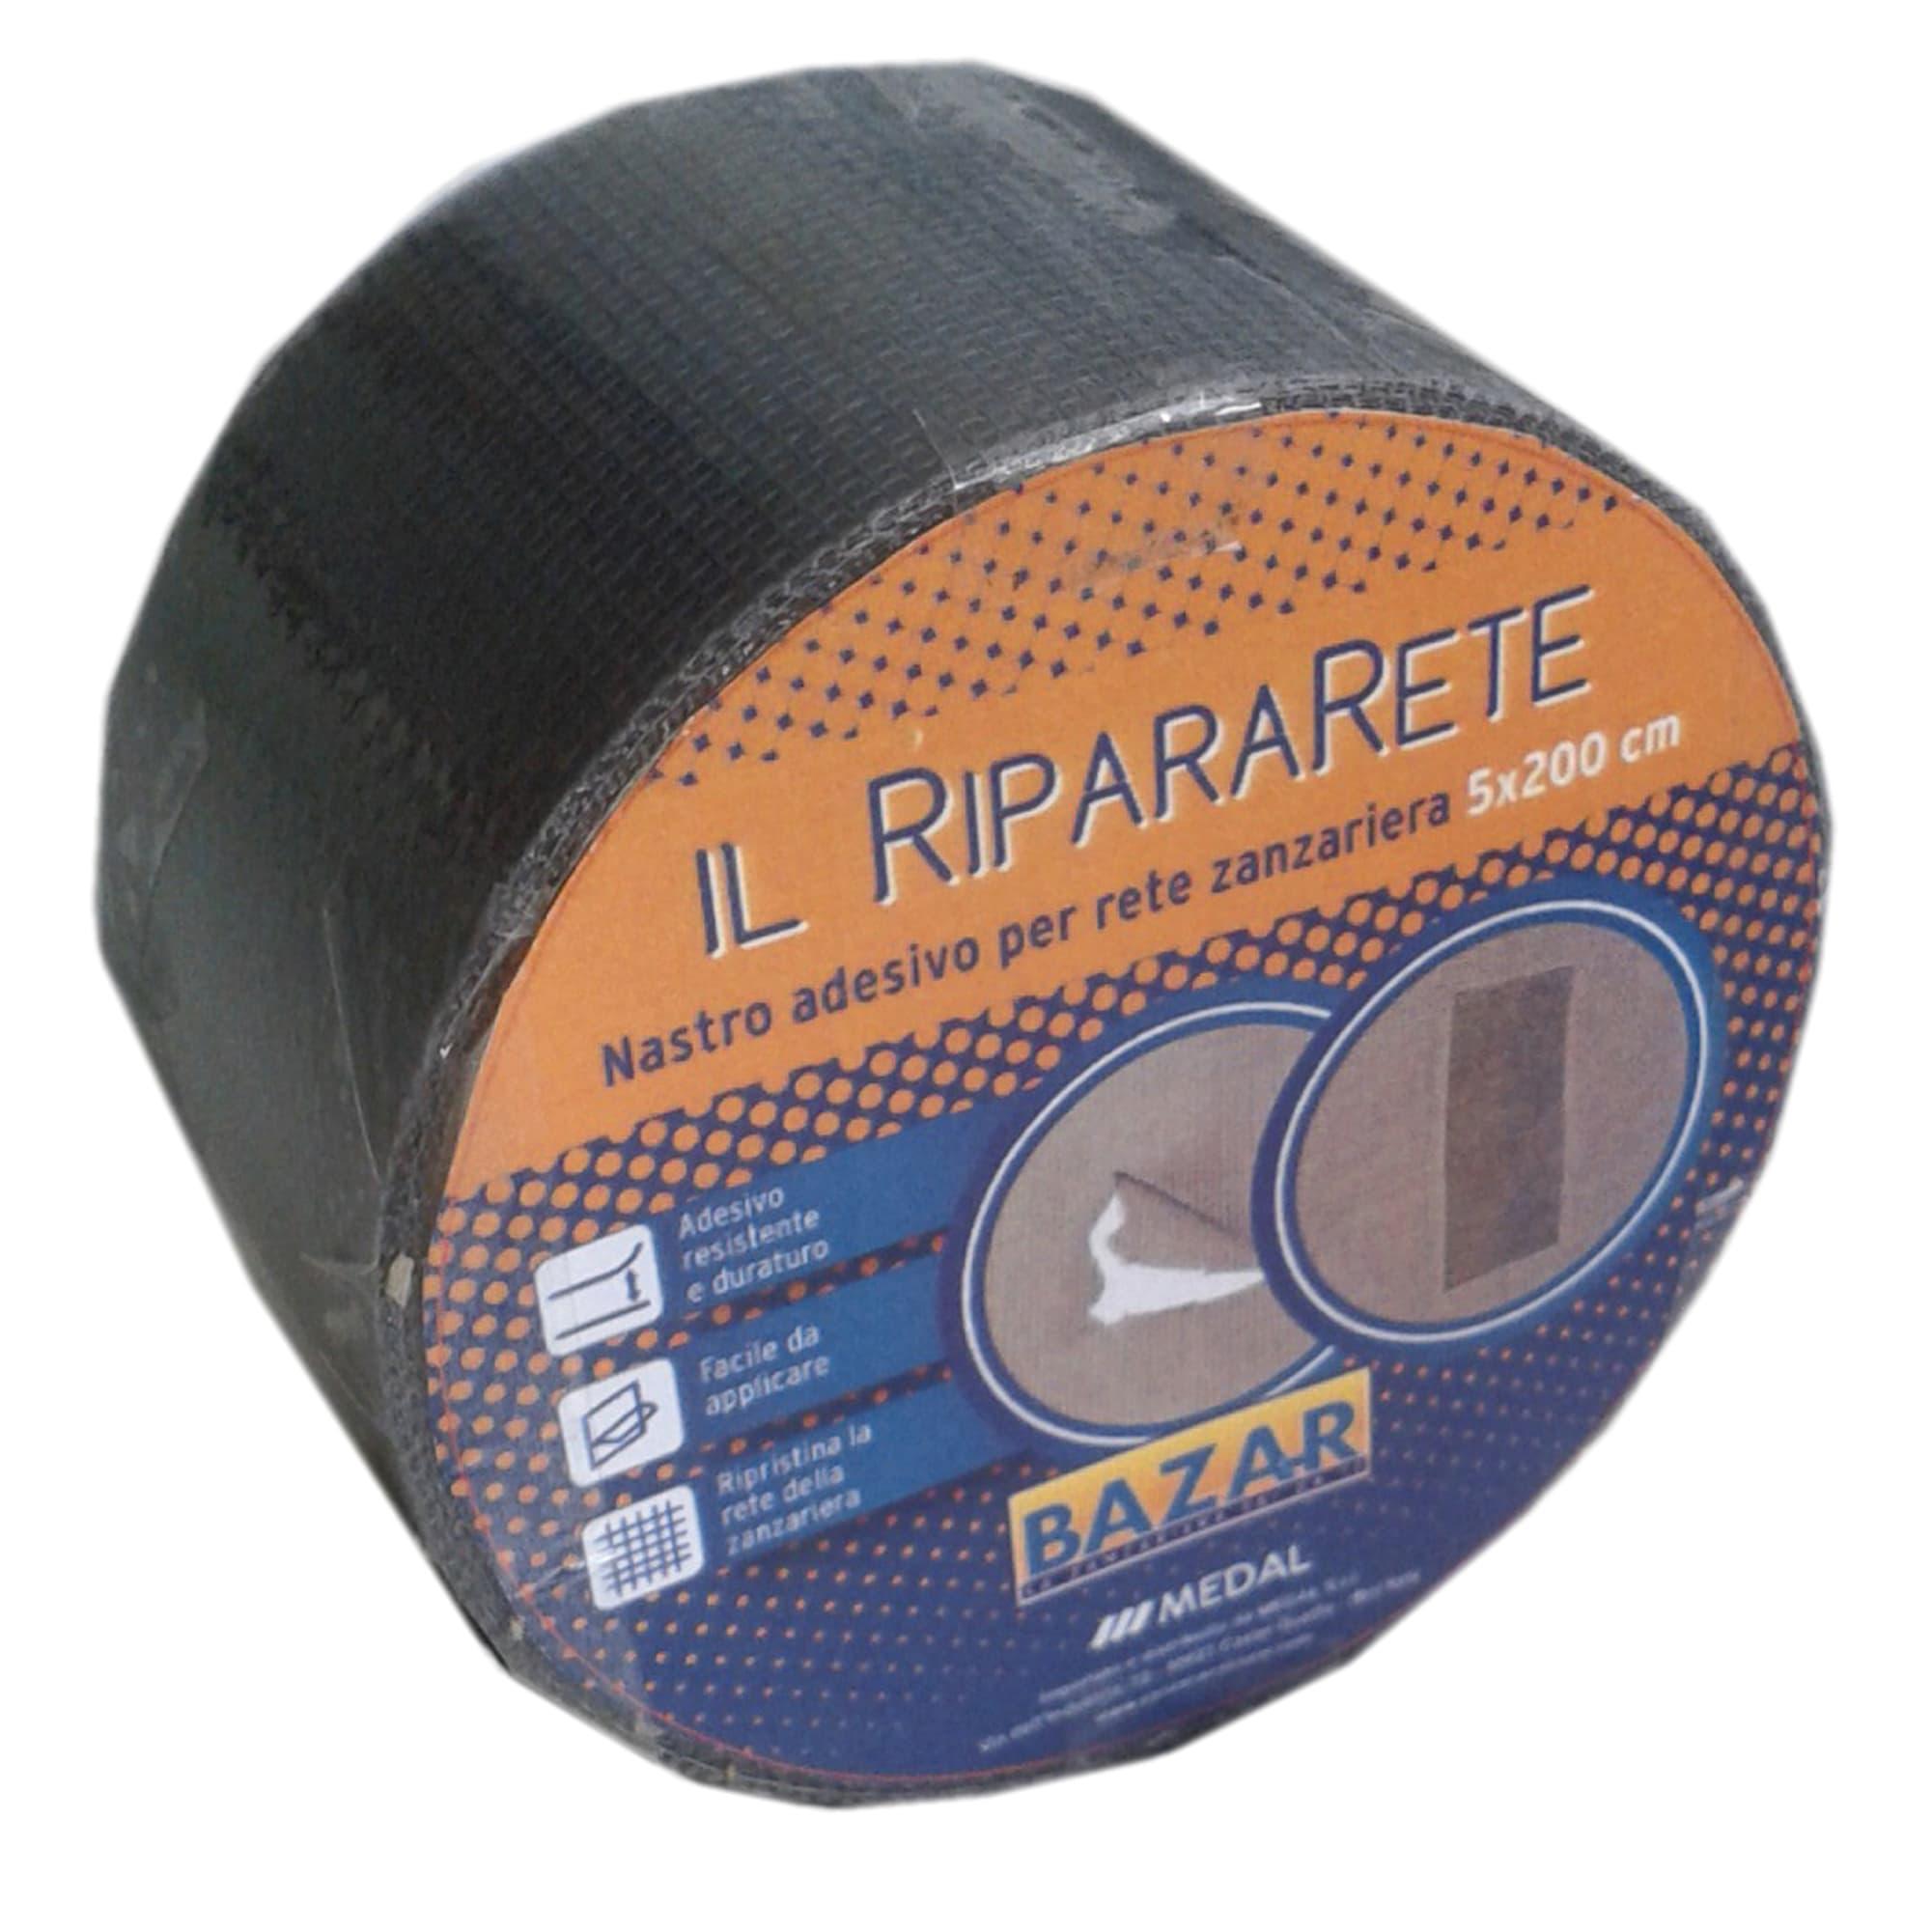 colore: Bianco Nastro adesivo in tessuto 50 m x 48 mm Tapefix